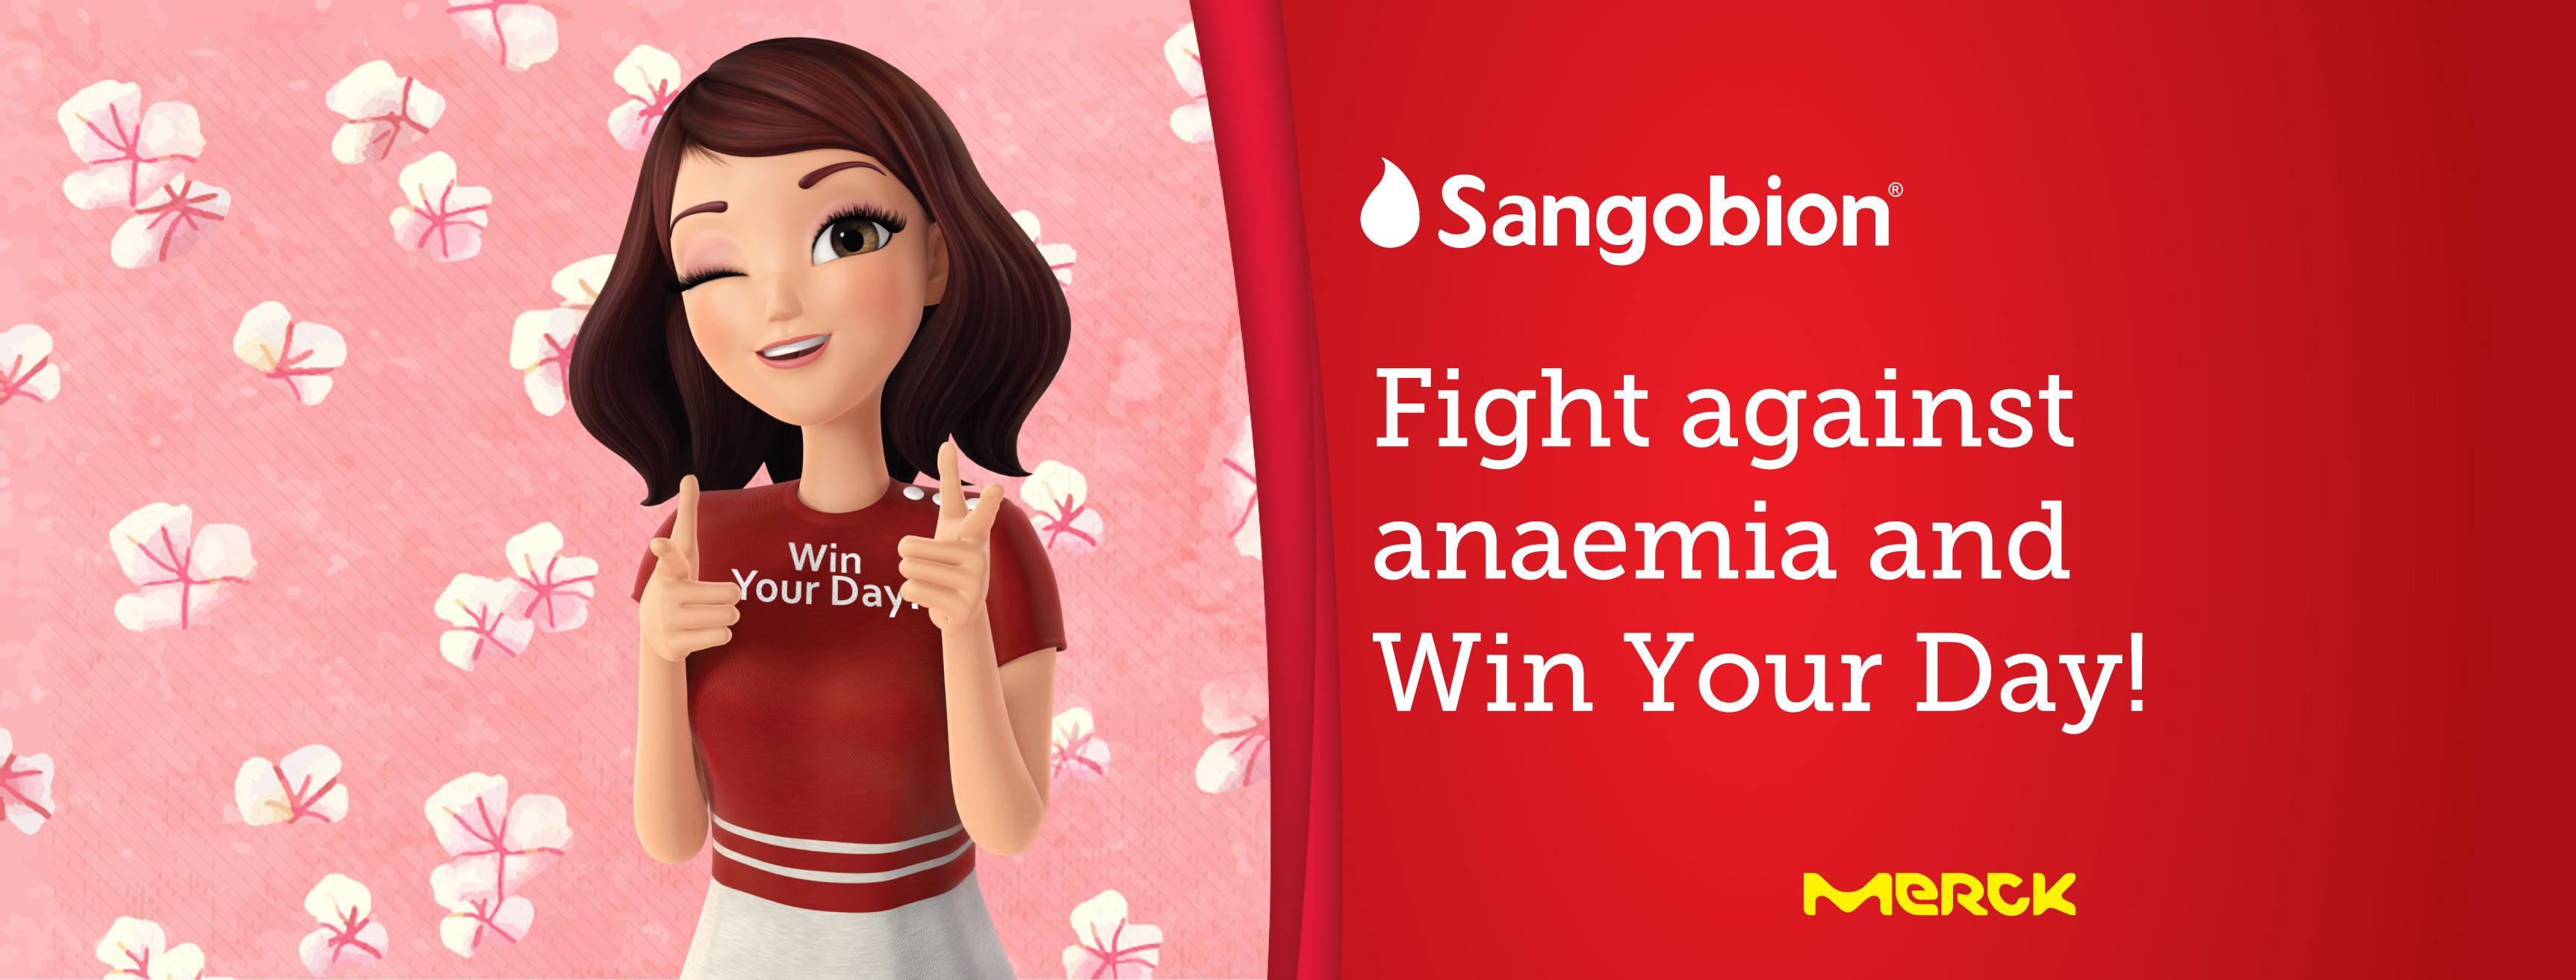 Sangobion_Facebook_Cover Photo-2